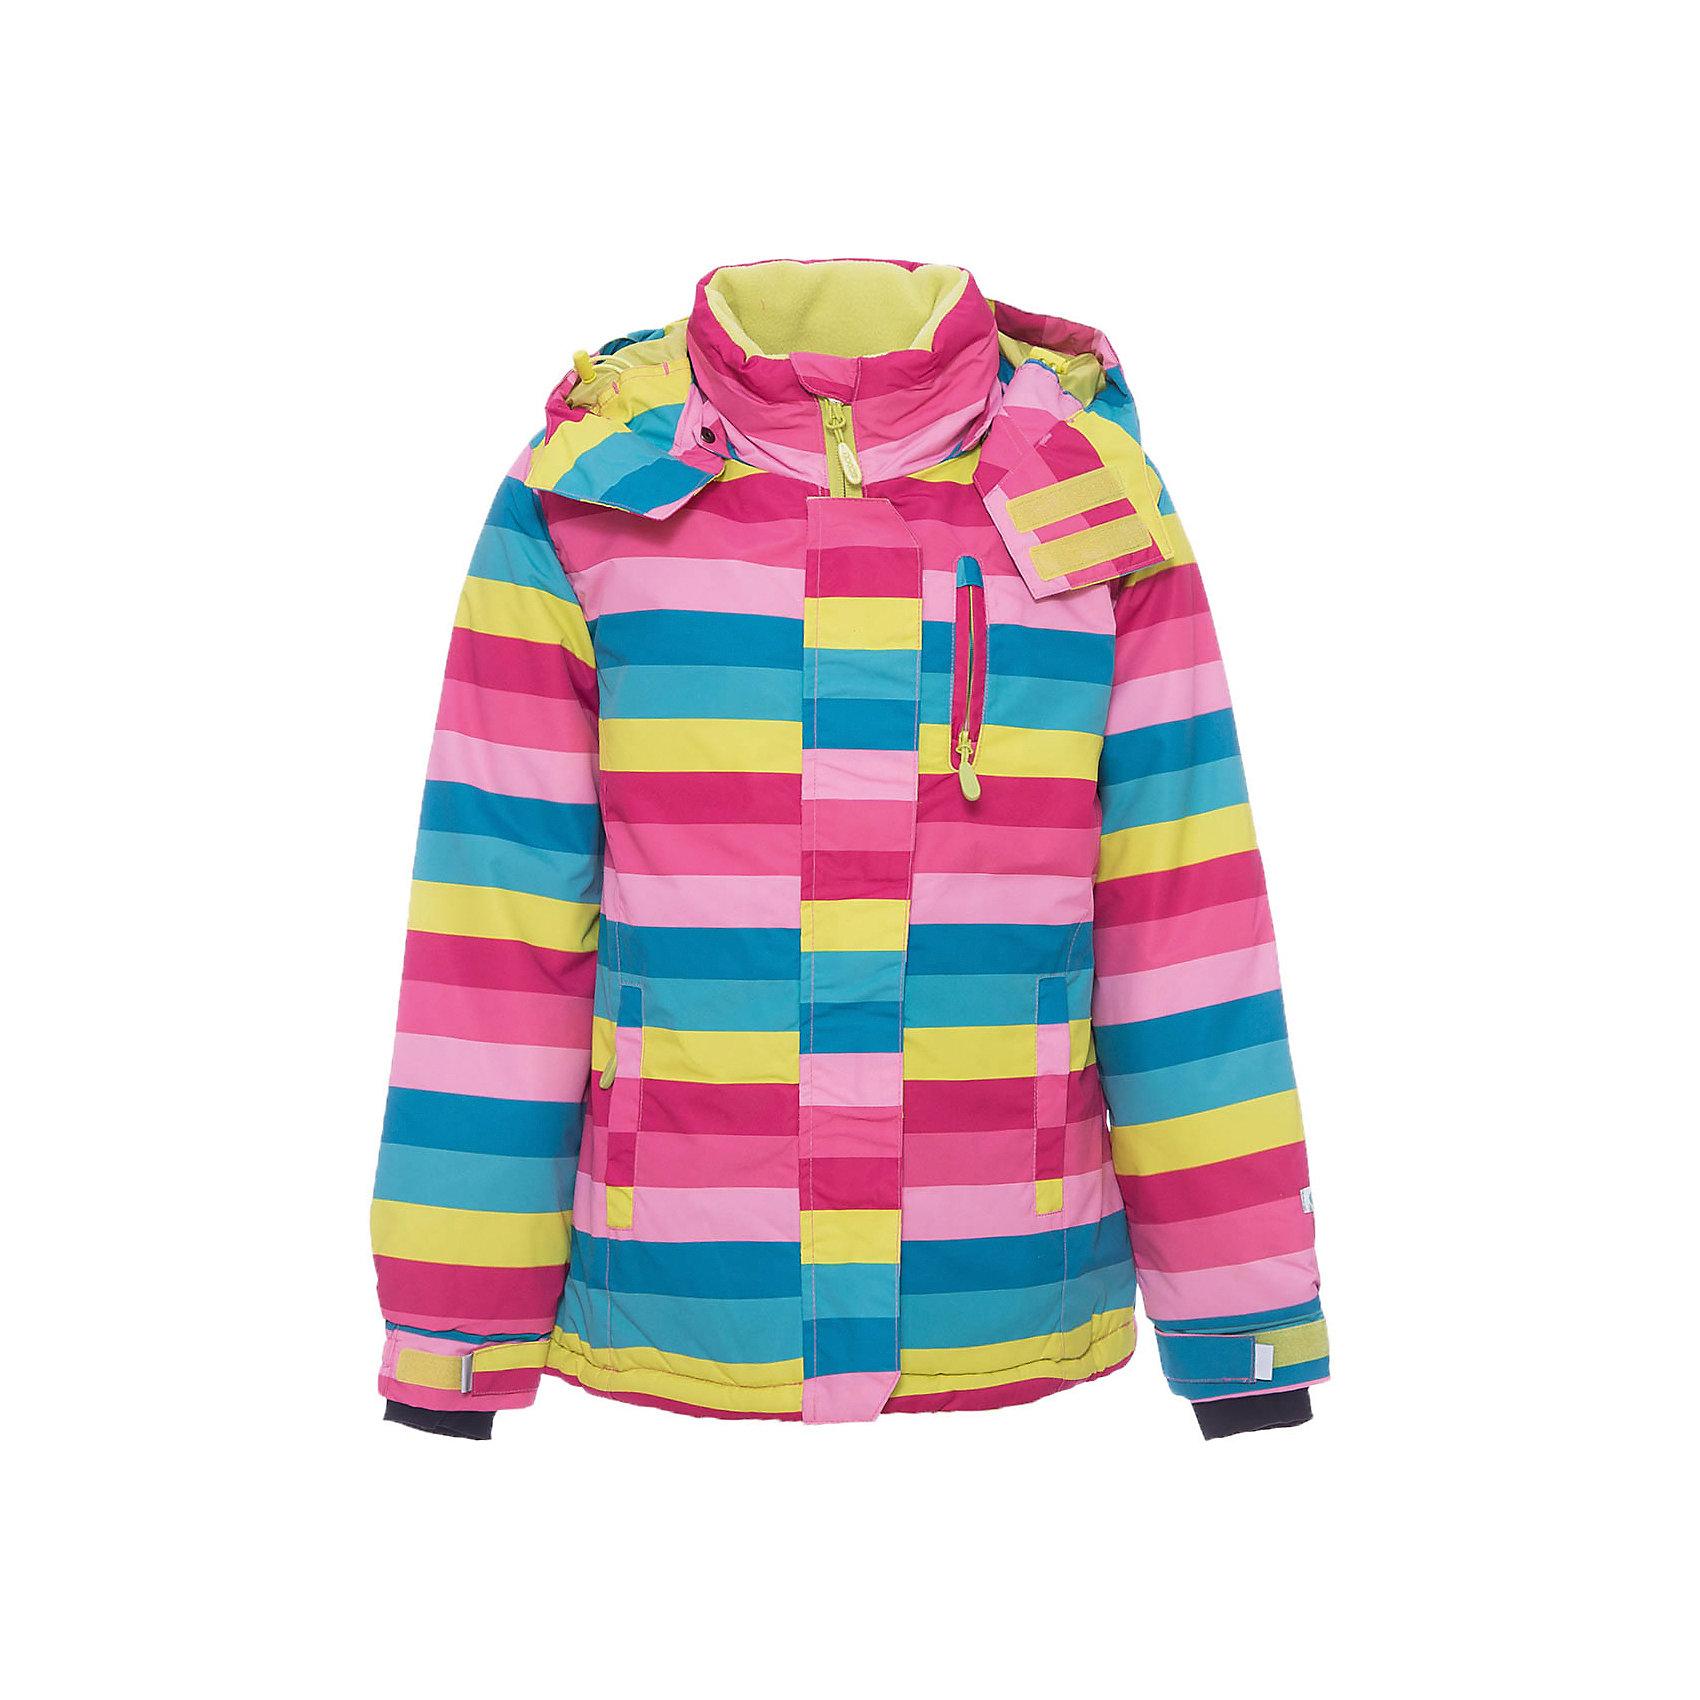 Куртка для девочки ScoolВерхняя одежда<br>Куртка для девочки Scool – надежная защита от холода и дождя.<br>Яркая куртка сделана из непромокаемого материала. Специальная ветрозащитная планка на липучках у капюшона позволяет защитить шею от продувания. Низ куртки можно затянуть стопером. Под внешним слоем, внизу, есть подкладка, застегнув которую, ребенок также будет защищен от ветра. От попадания снега или воды в рукава на куртке предусмотрены трикотажные манжеты с отверстием для пальца. <br><br>Дополнительная информация:<br><br>- материал: верх и подкладка – 100% полиэстер, наполнитель 100% полиэстер<br>- цвет: желтый, розовый, голубой<br><br>Куртка для девочки Scool можно купить в нашем интернет магазине.<br><br>Ширина мм: 356<br>Глубина мм: 10<br>Высота мм: 245<br>Вес г: 519<br>Цвет: белый<br>Возраст от месяцев: 132<br>Возраст до месяцев: 144<br>Пол: Женский<br>Возраст: Детский<br>Размер: 152,146,134,164,158,140<br>SKU: 4911773